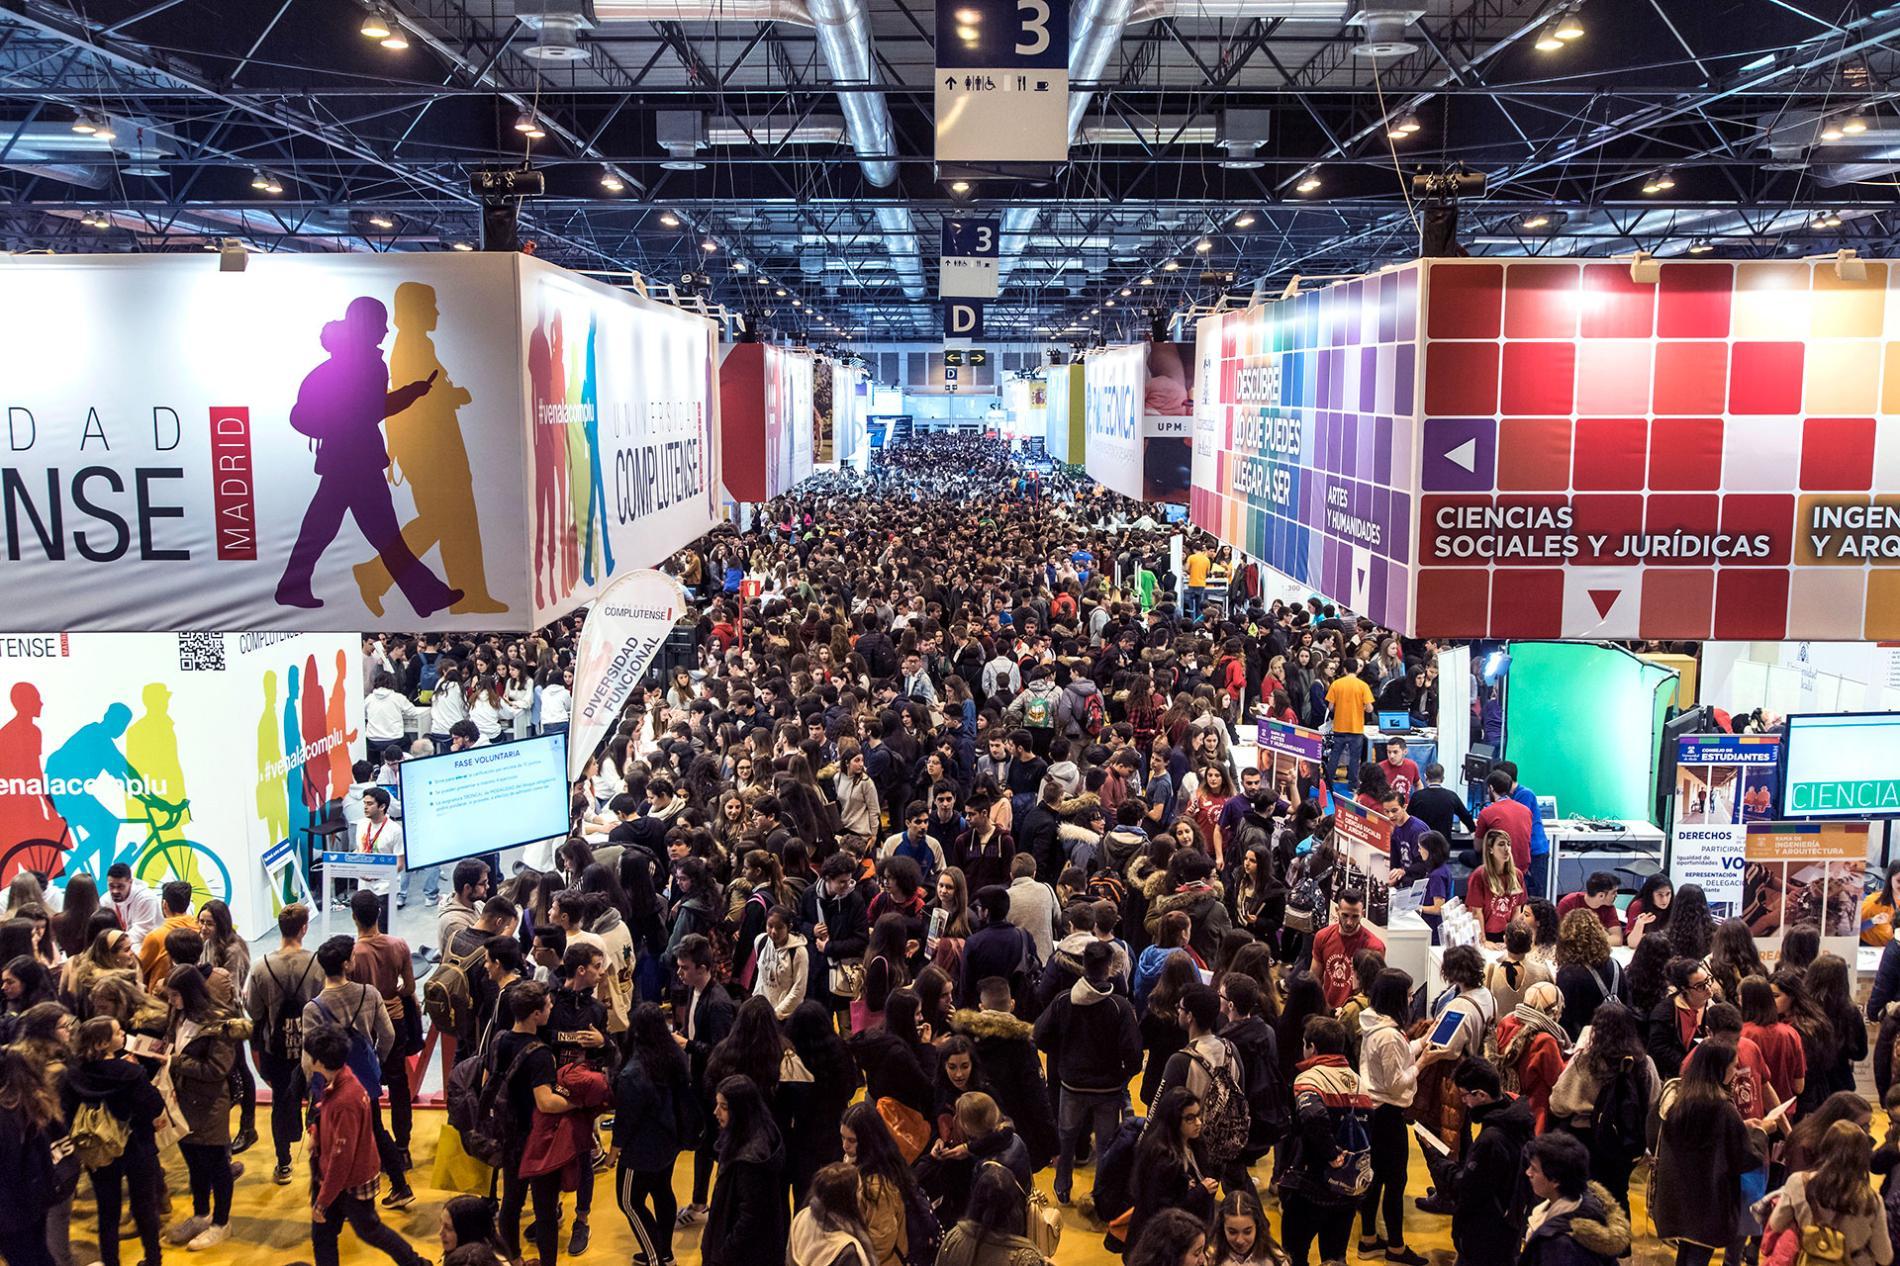 La Semana de la Educación recibió 146 mil visitantes